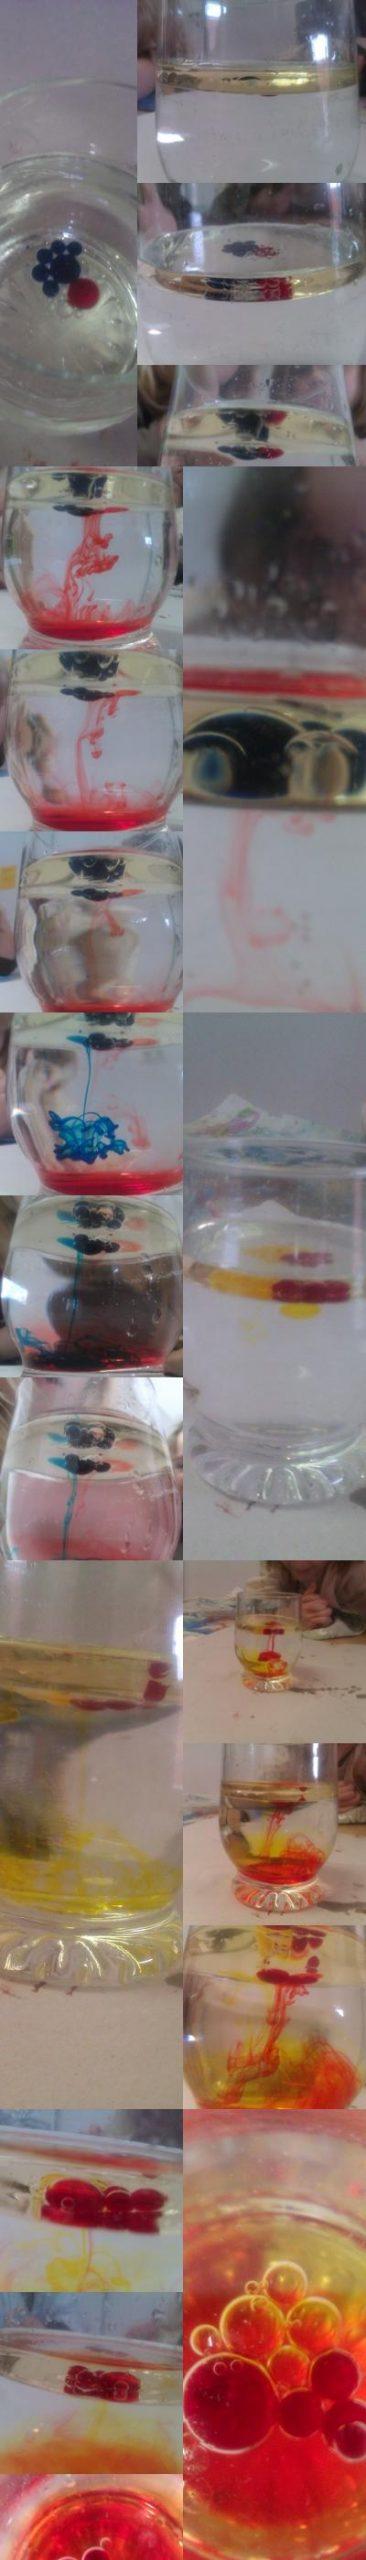 Öl In Wasser Material: Glas, Wasser, Lebensmittelfarbe verwandt mit Experiment Mit Wasser Öl Und Lebensmittelfarbe